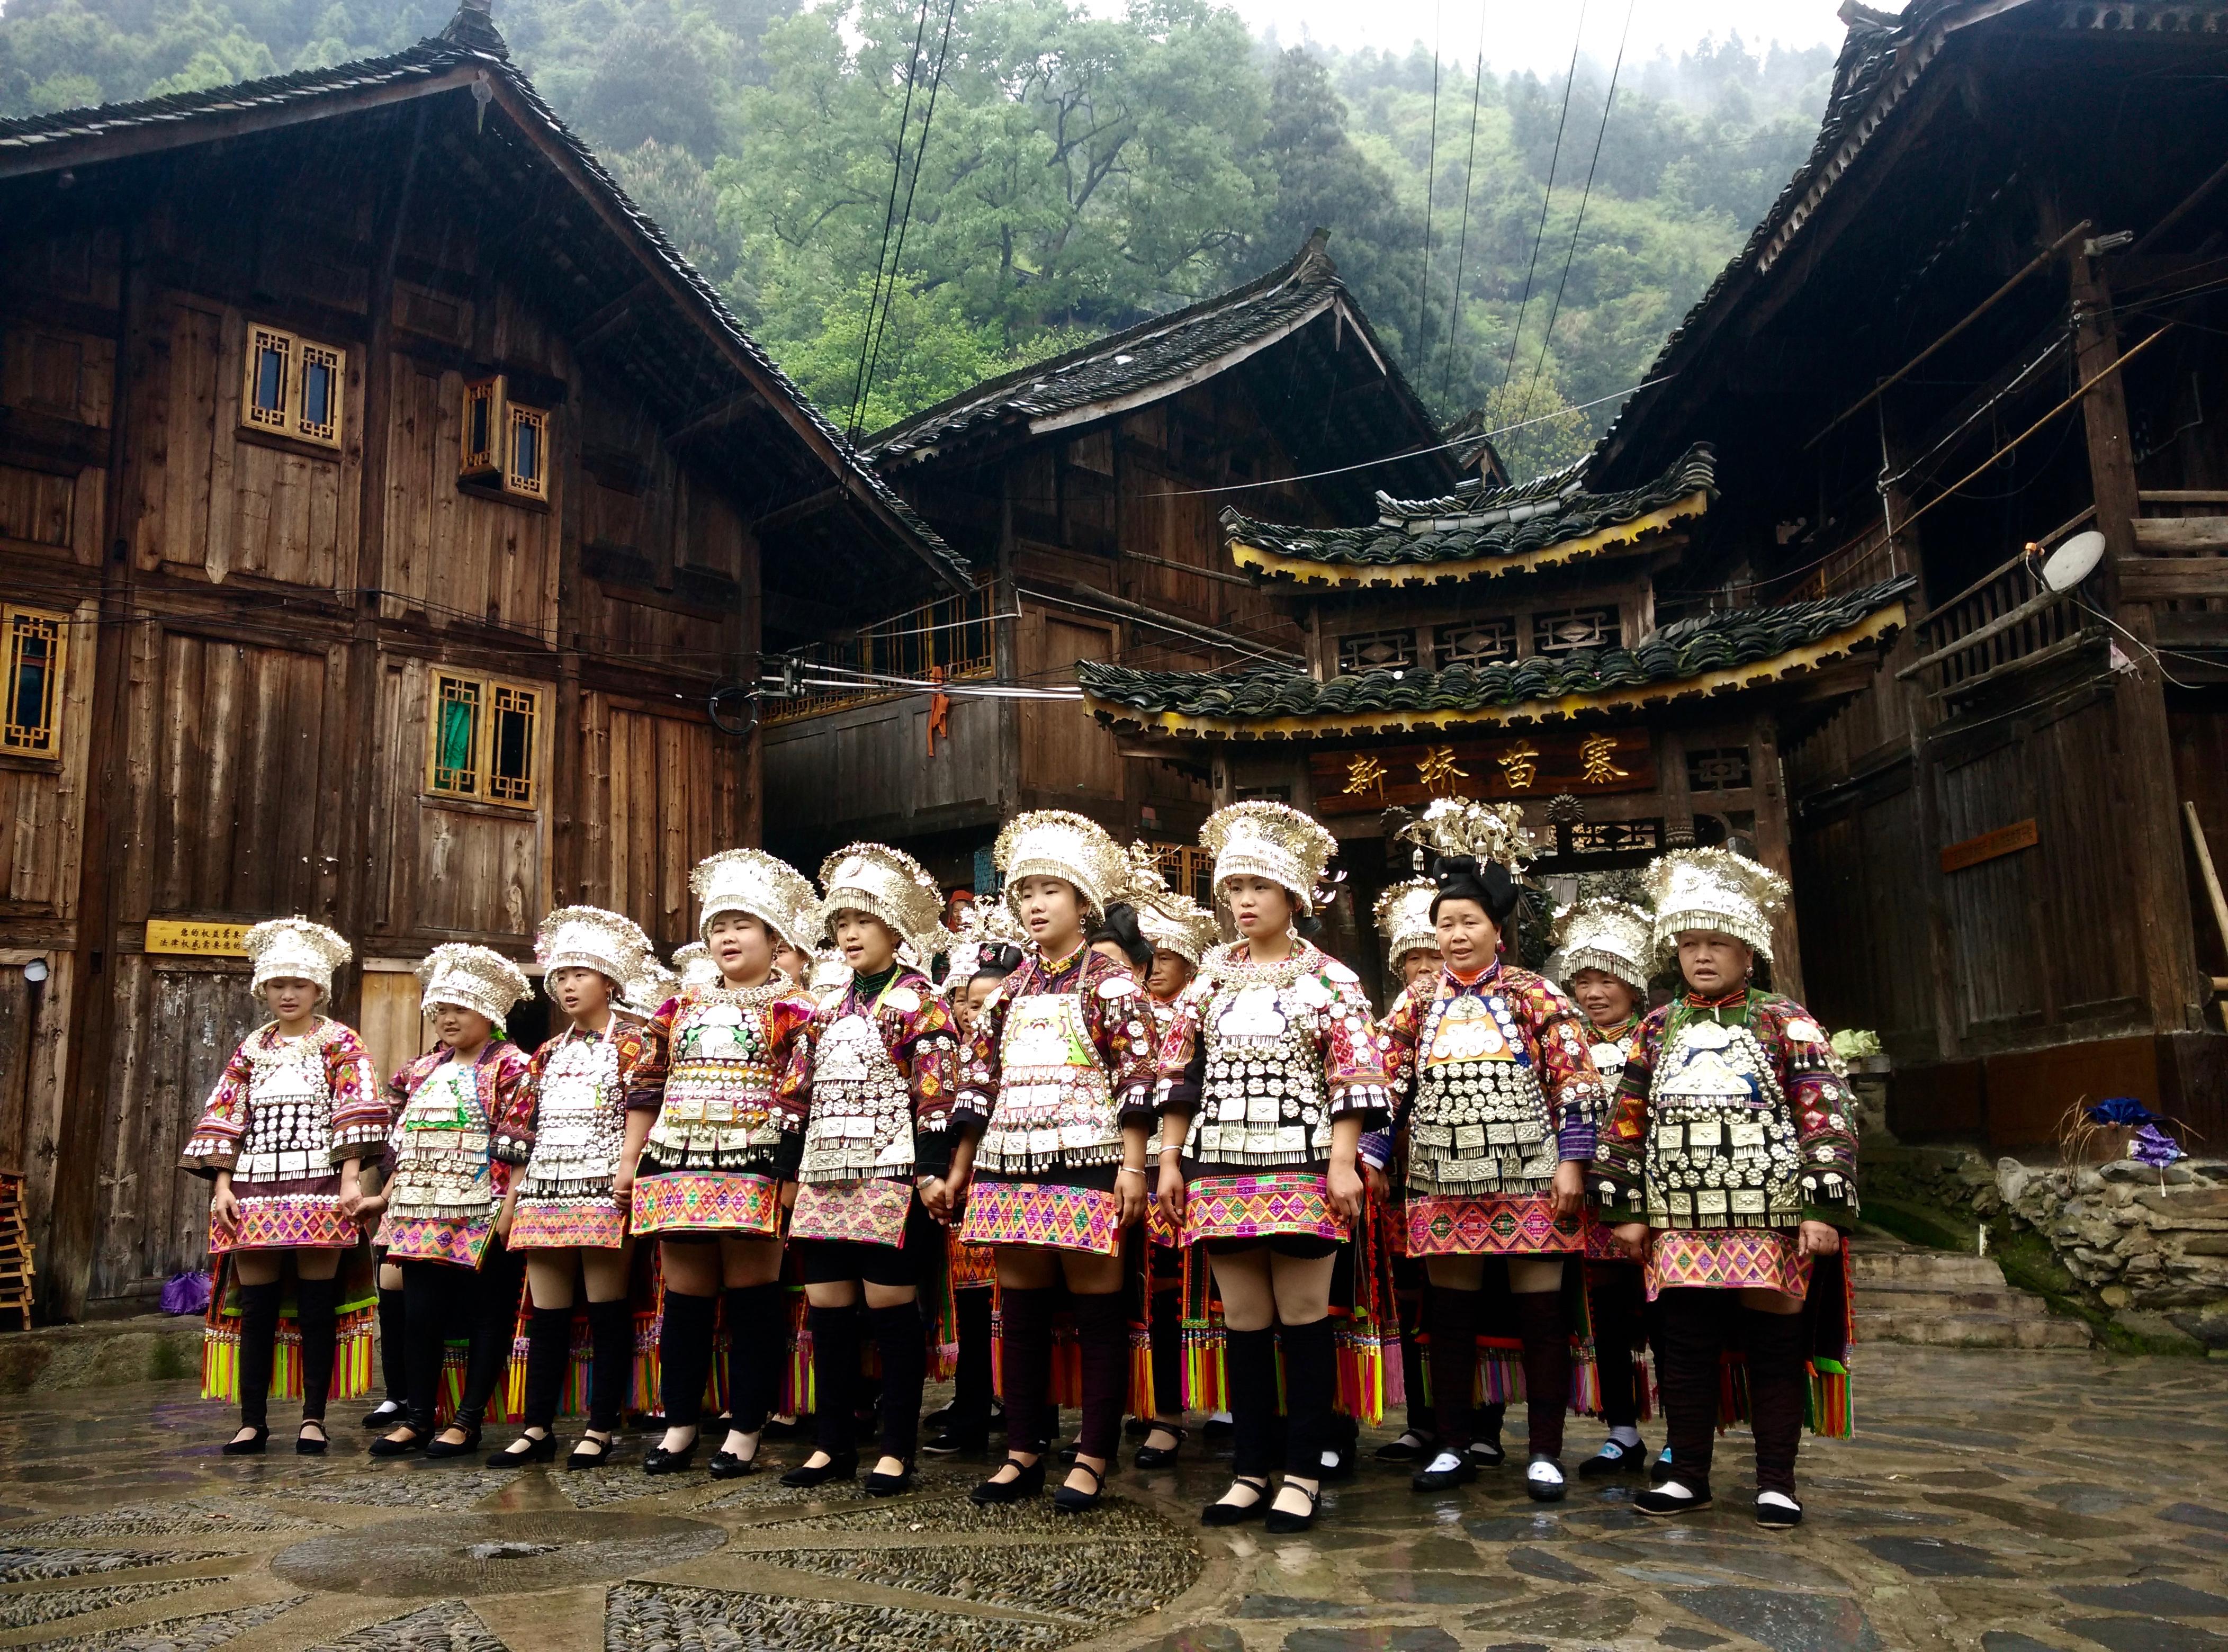 Short Skirt Miao Dancing